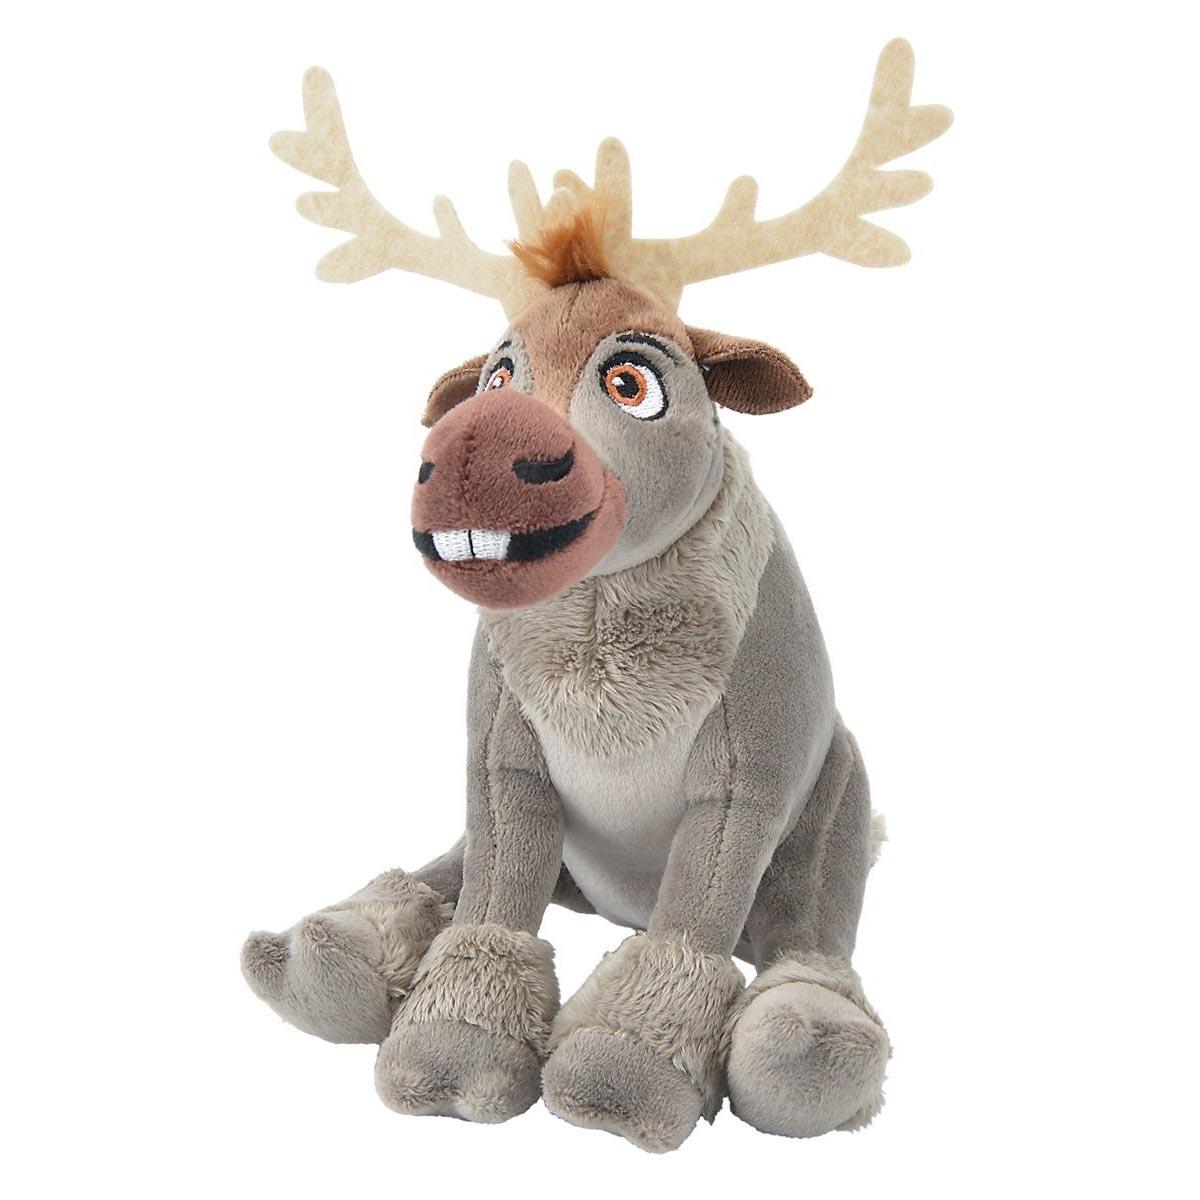 Мягкая игрушка  Свен, 25 см. - Мягкие игрушки Disney, артикул: 152228